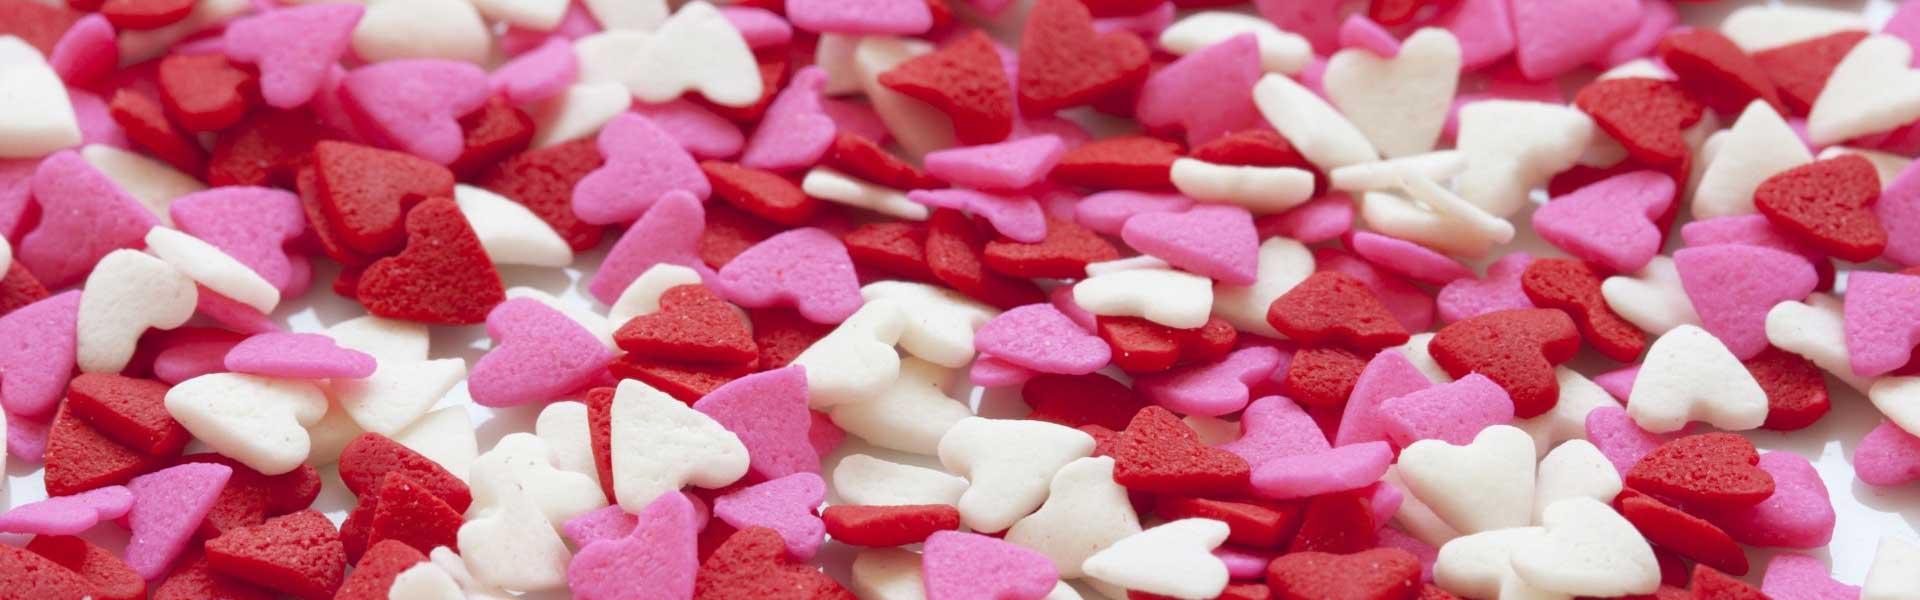 40 Ways to Unwrap Love